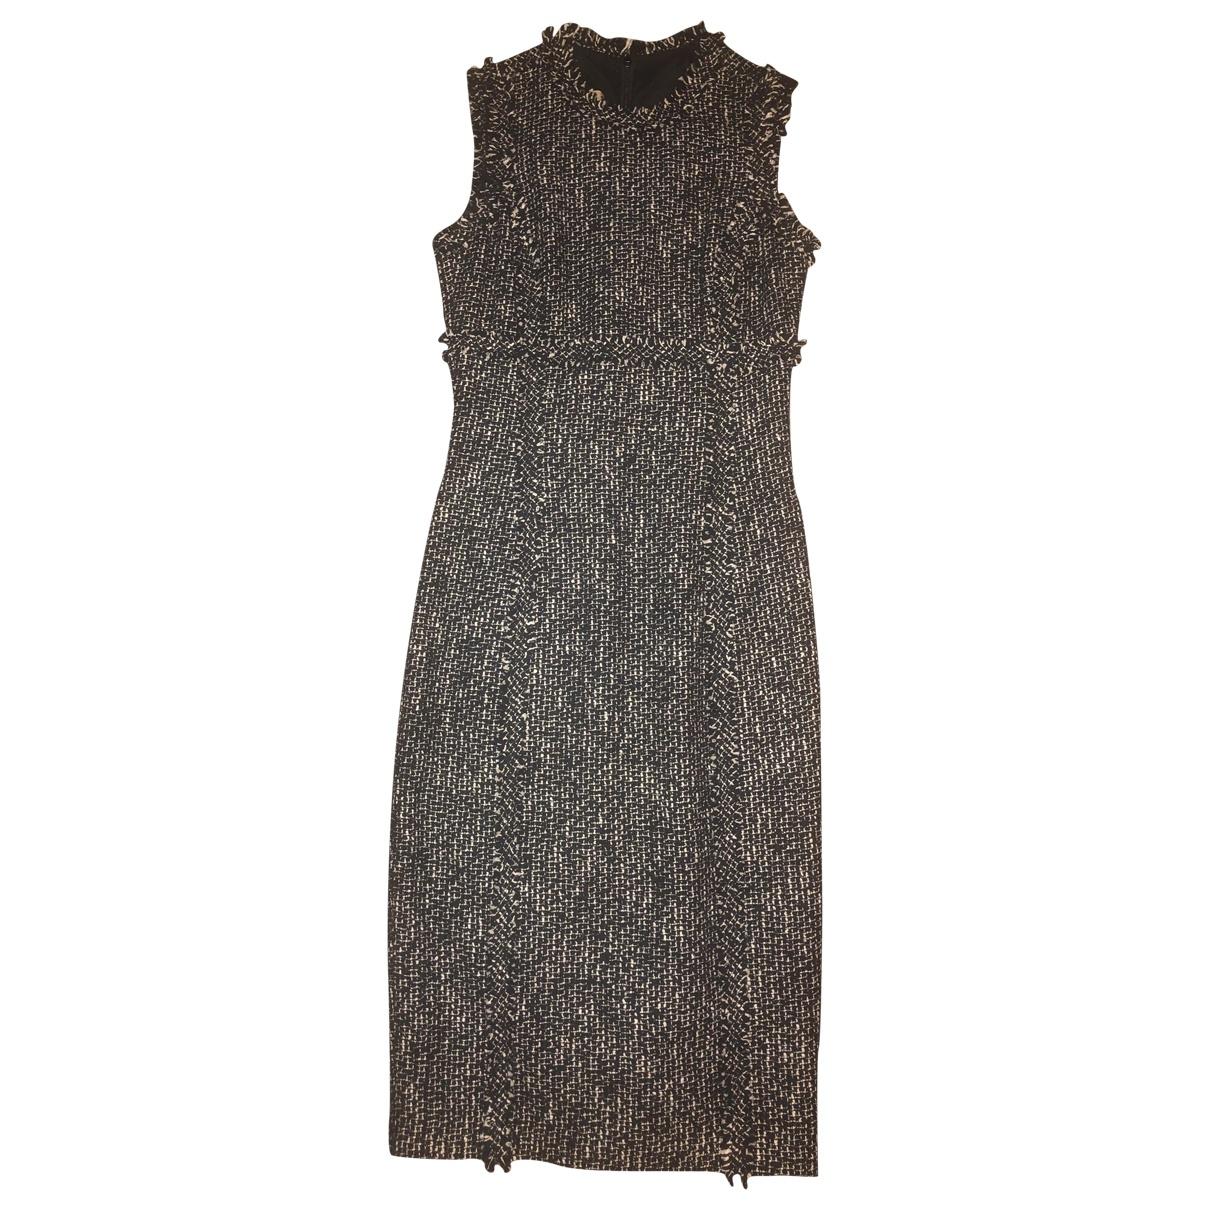 Michael Kors \N Kleid in  Schwarz Baumwolle